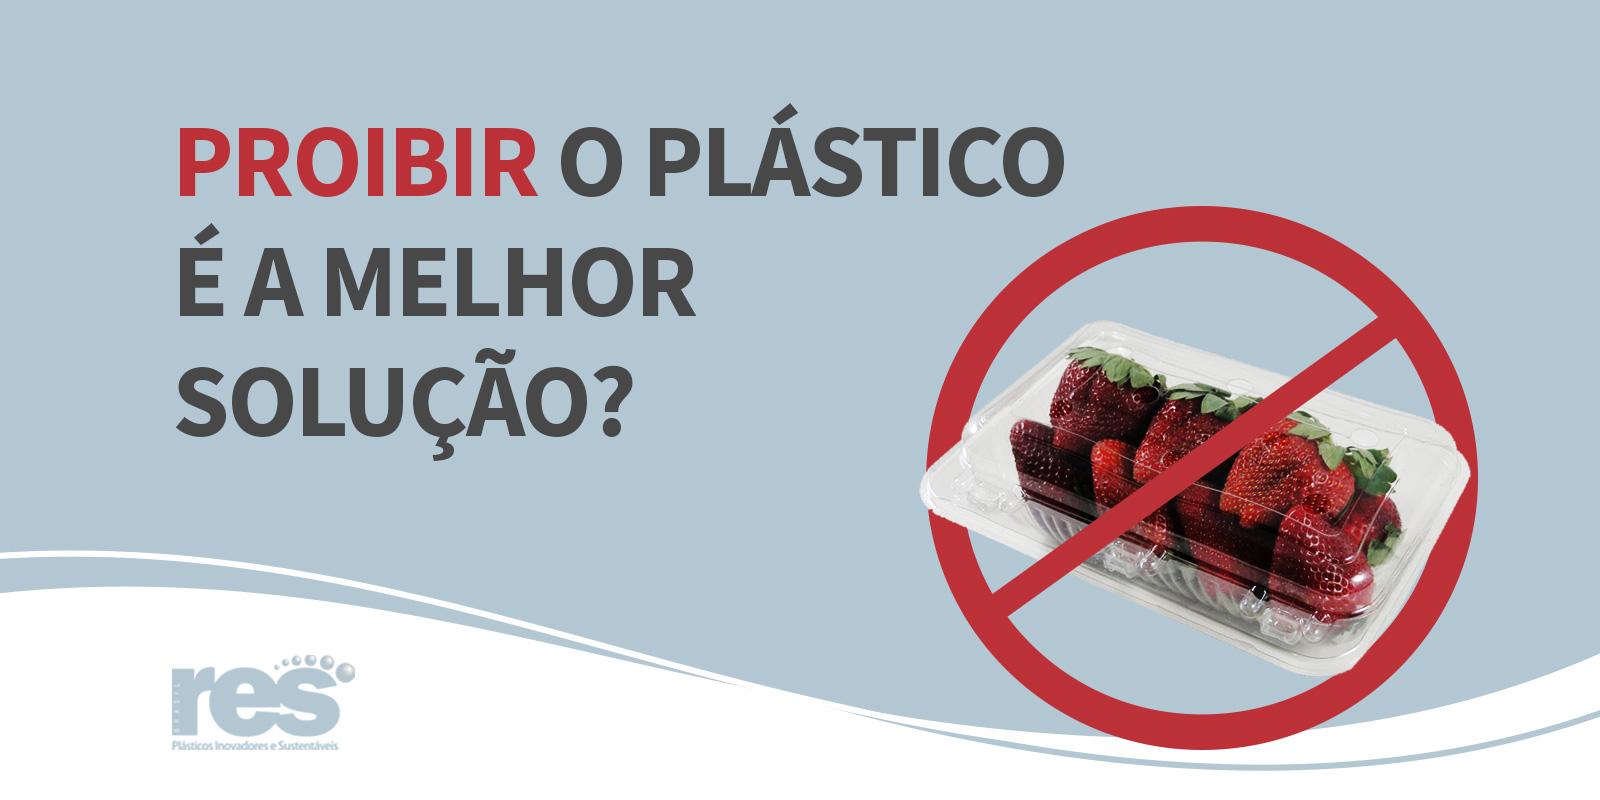 proibir-o-plastico